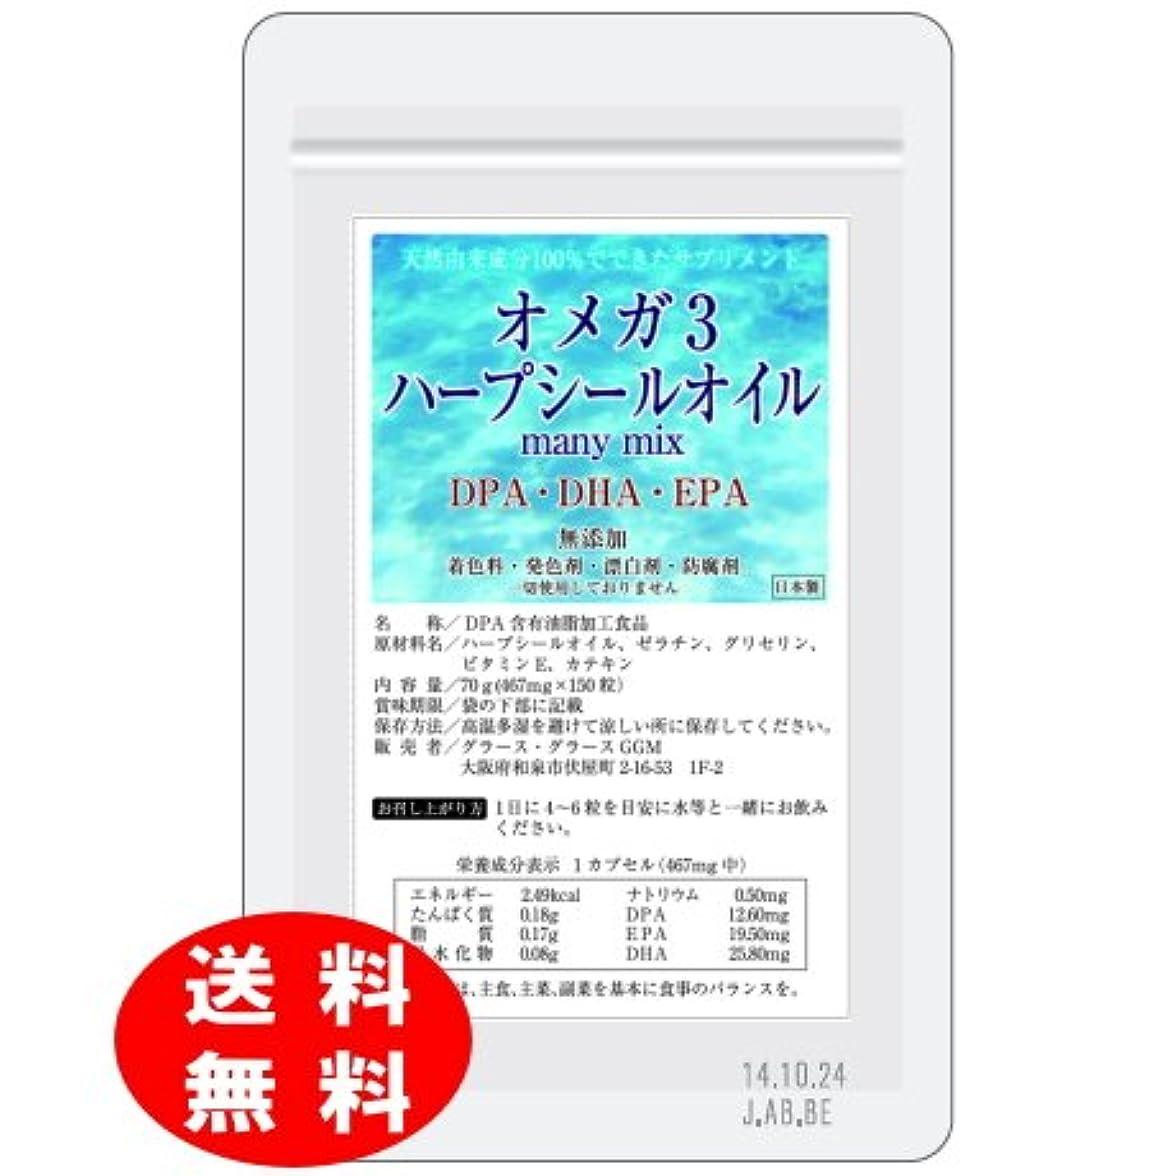 食べる治療はがきオメガ3 ハープシールオイル(アザラシオイル) many mix 150粒